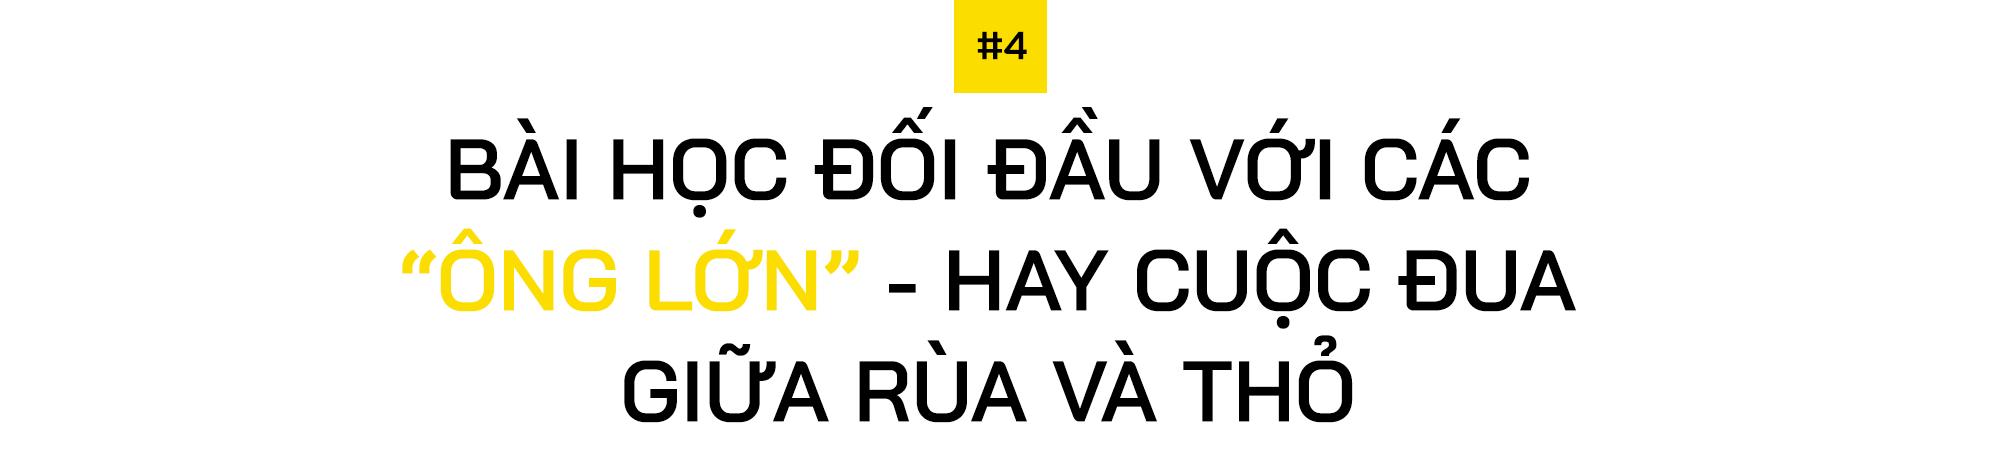 Vbee - Chặng đường 12 năm xây dựng giải pháp ngôn ngữ cho người Việt - 11